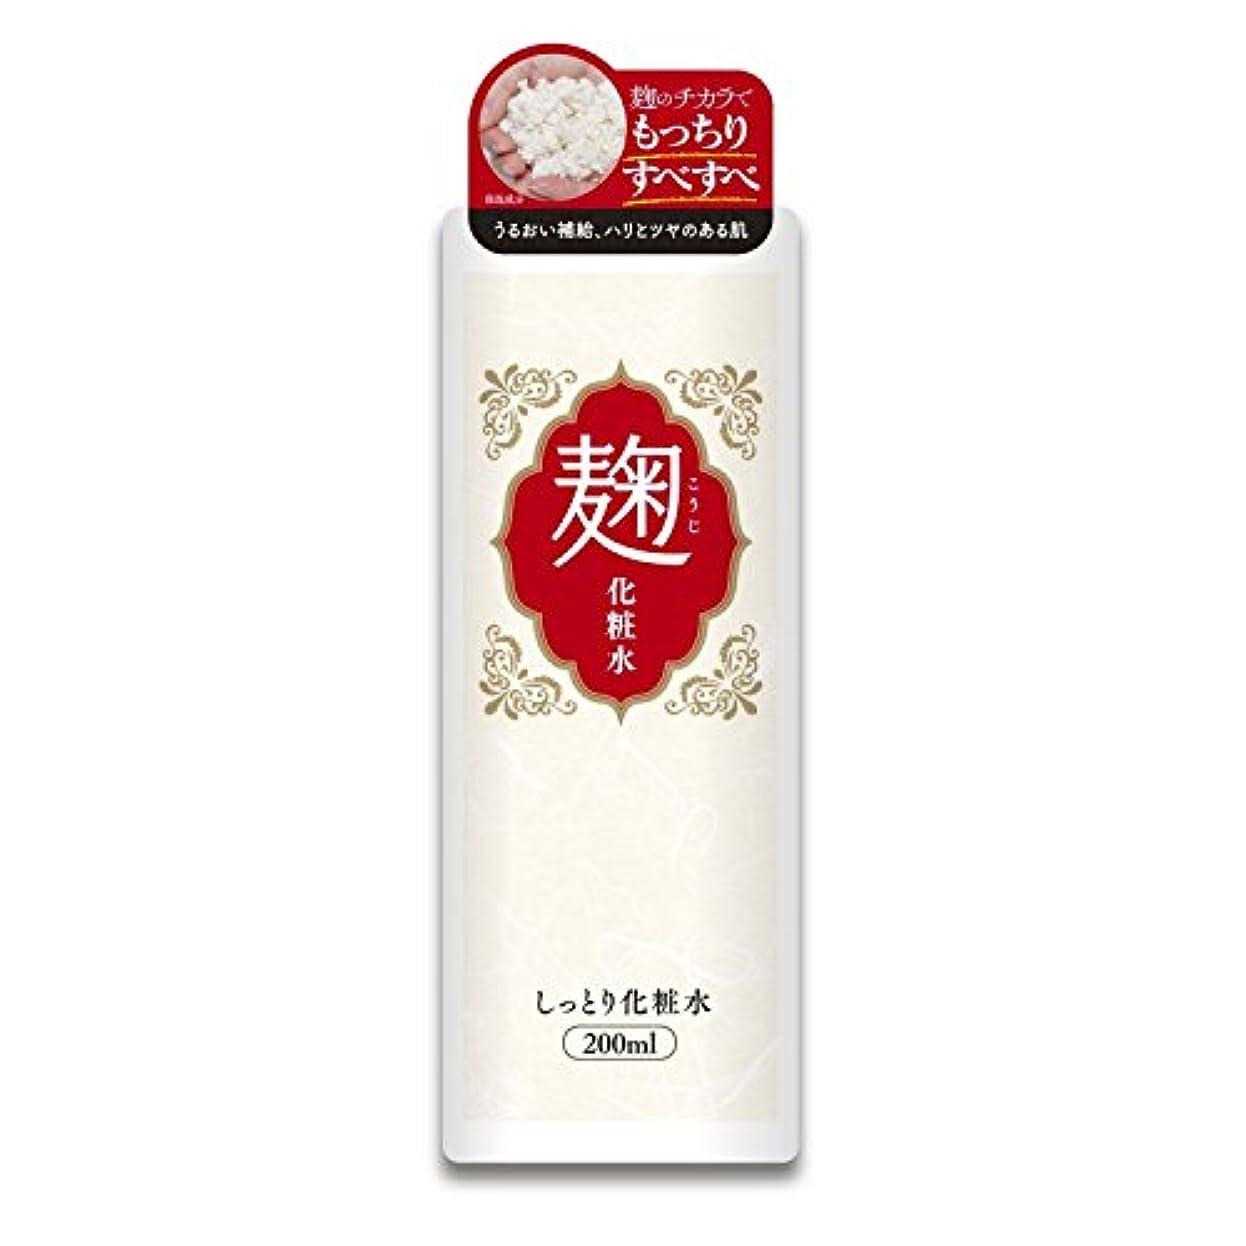 費用もろい反発するユゼ 麹配合美肌しっとり化粧水 200mL